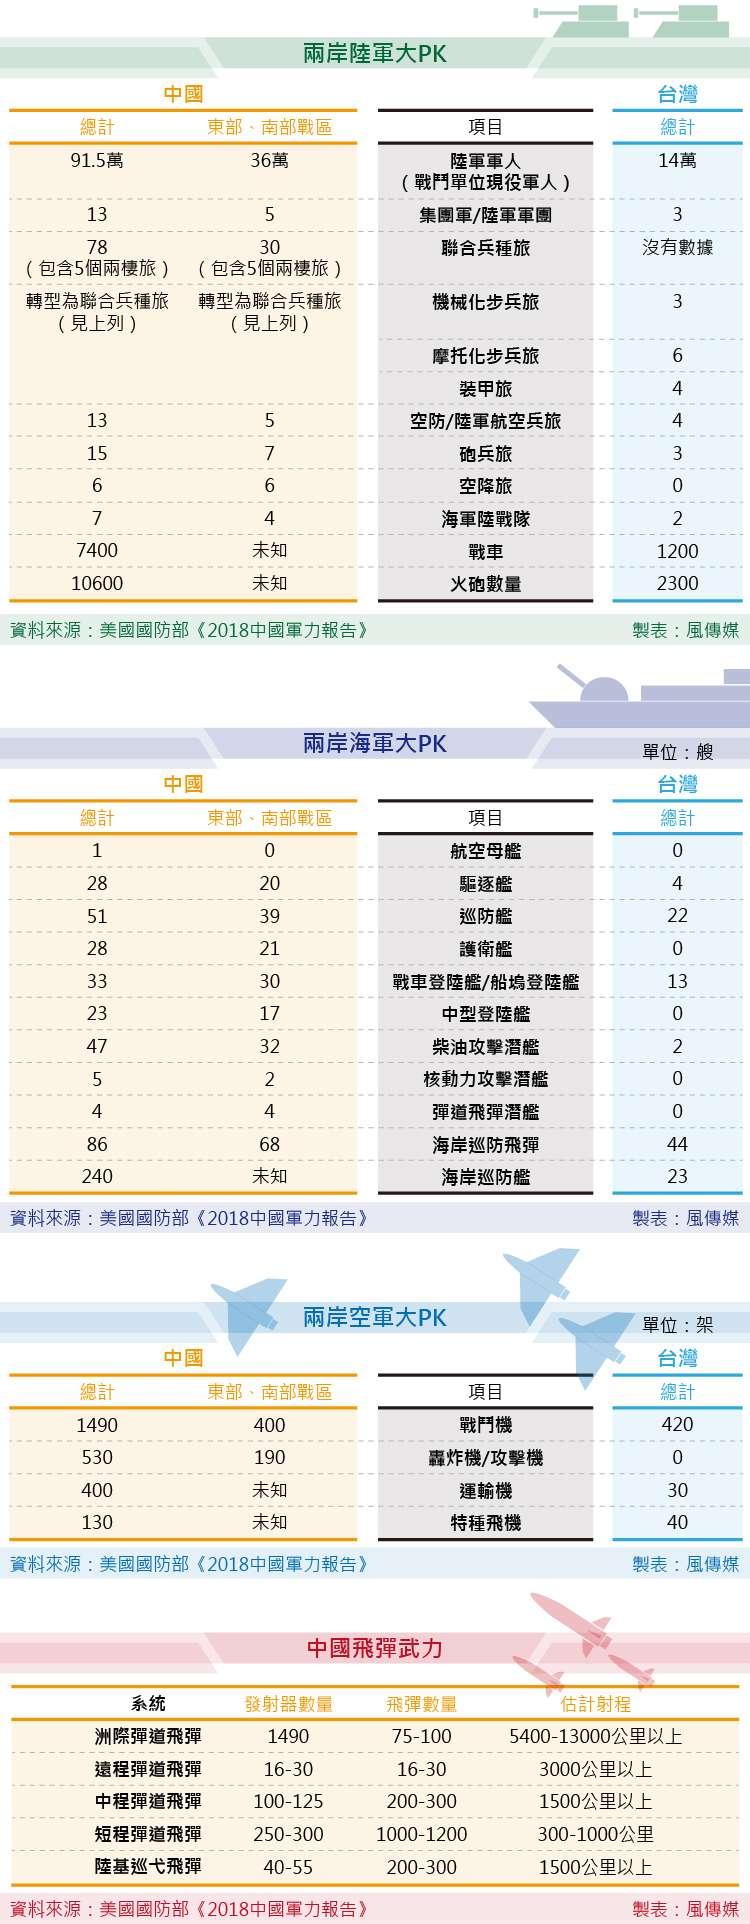 美國國防部《2018中國軍力報告》 兩岸軍力大PK 。(風傳媒製圖)中國 台灣 國軍 解放軍 兩岸關係